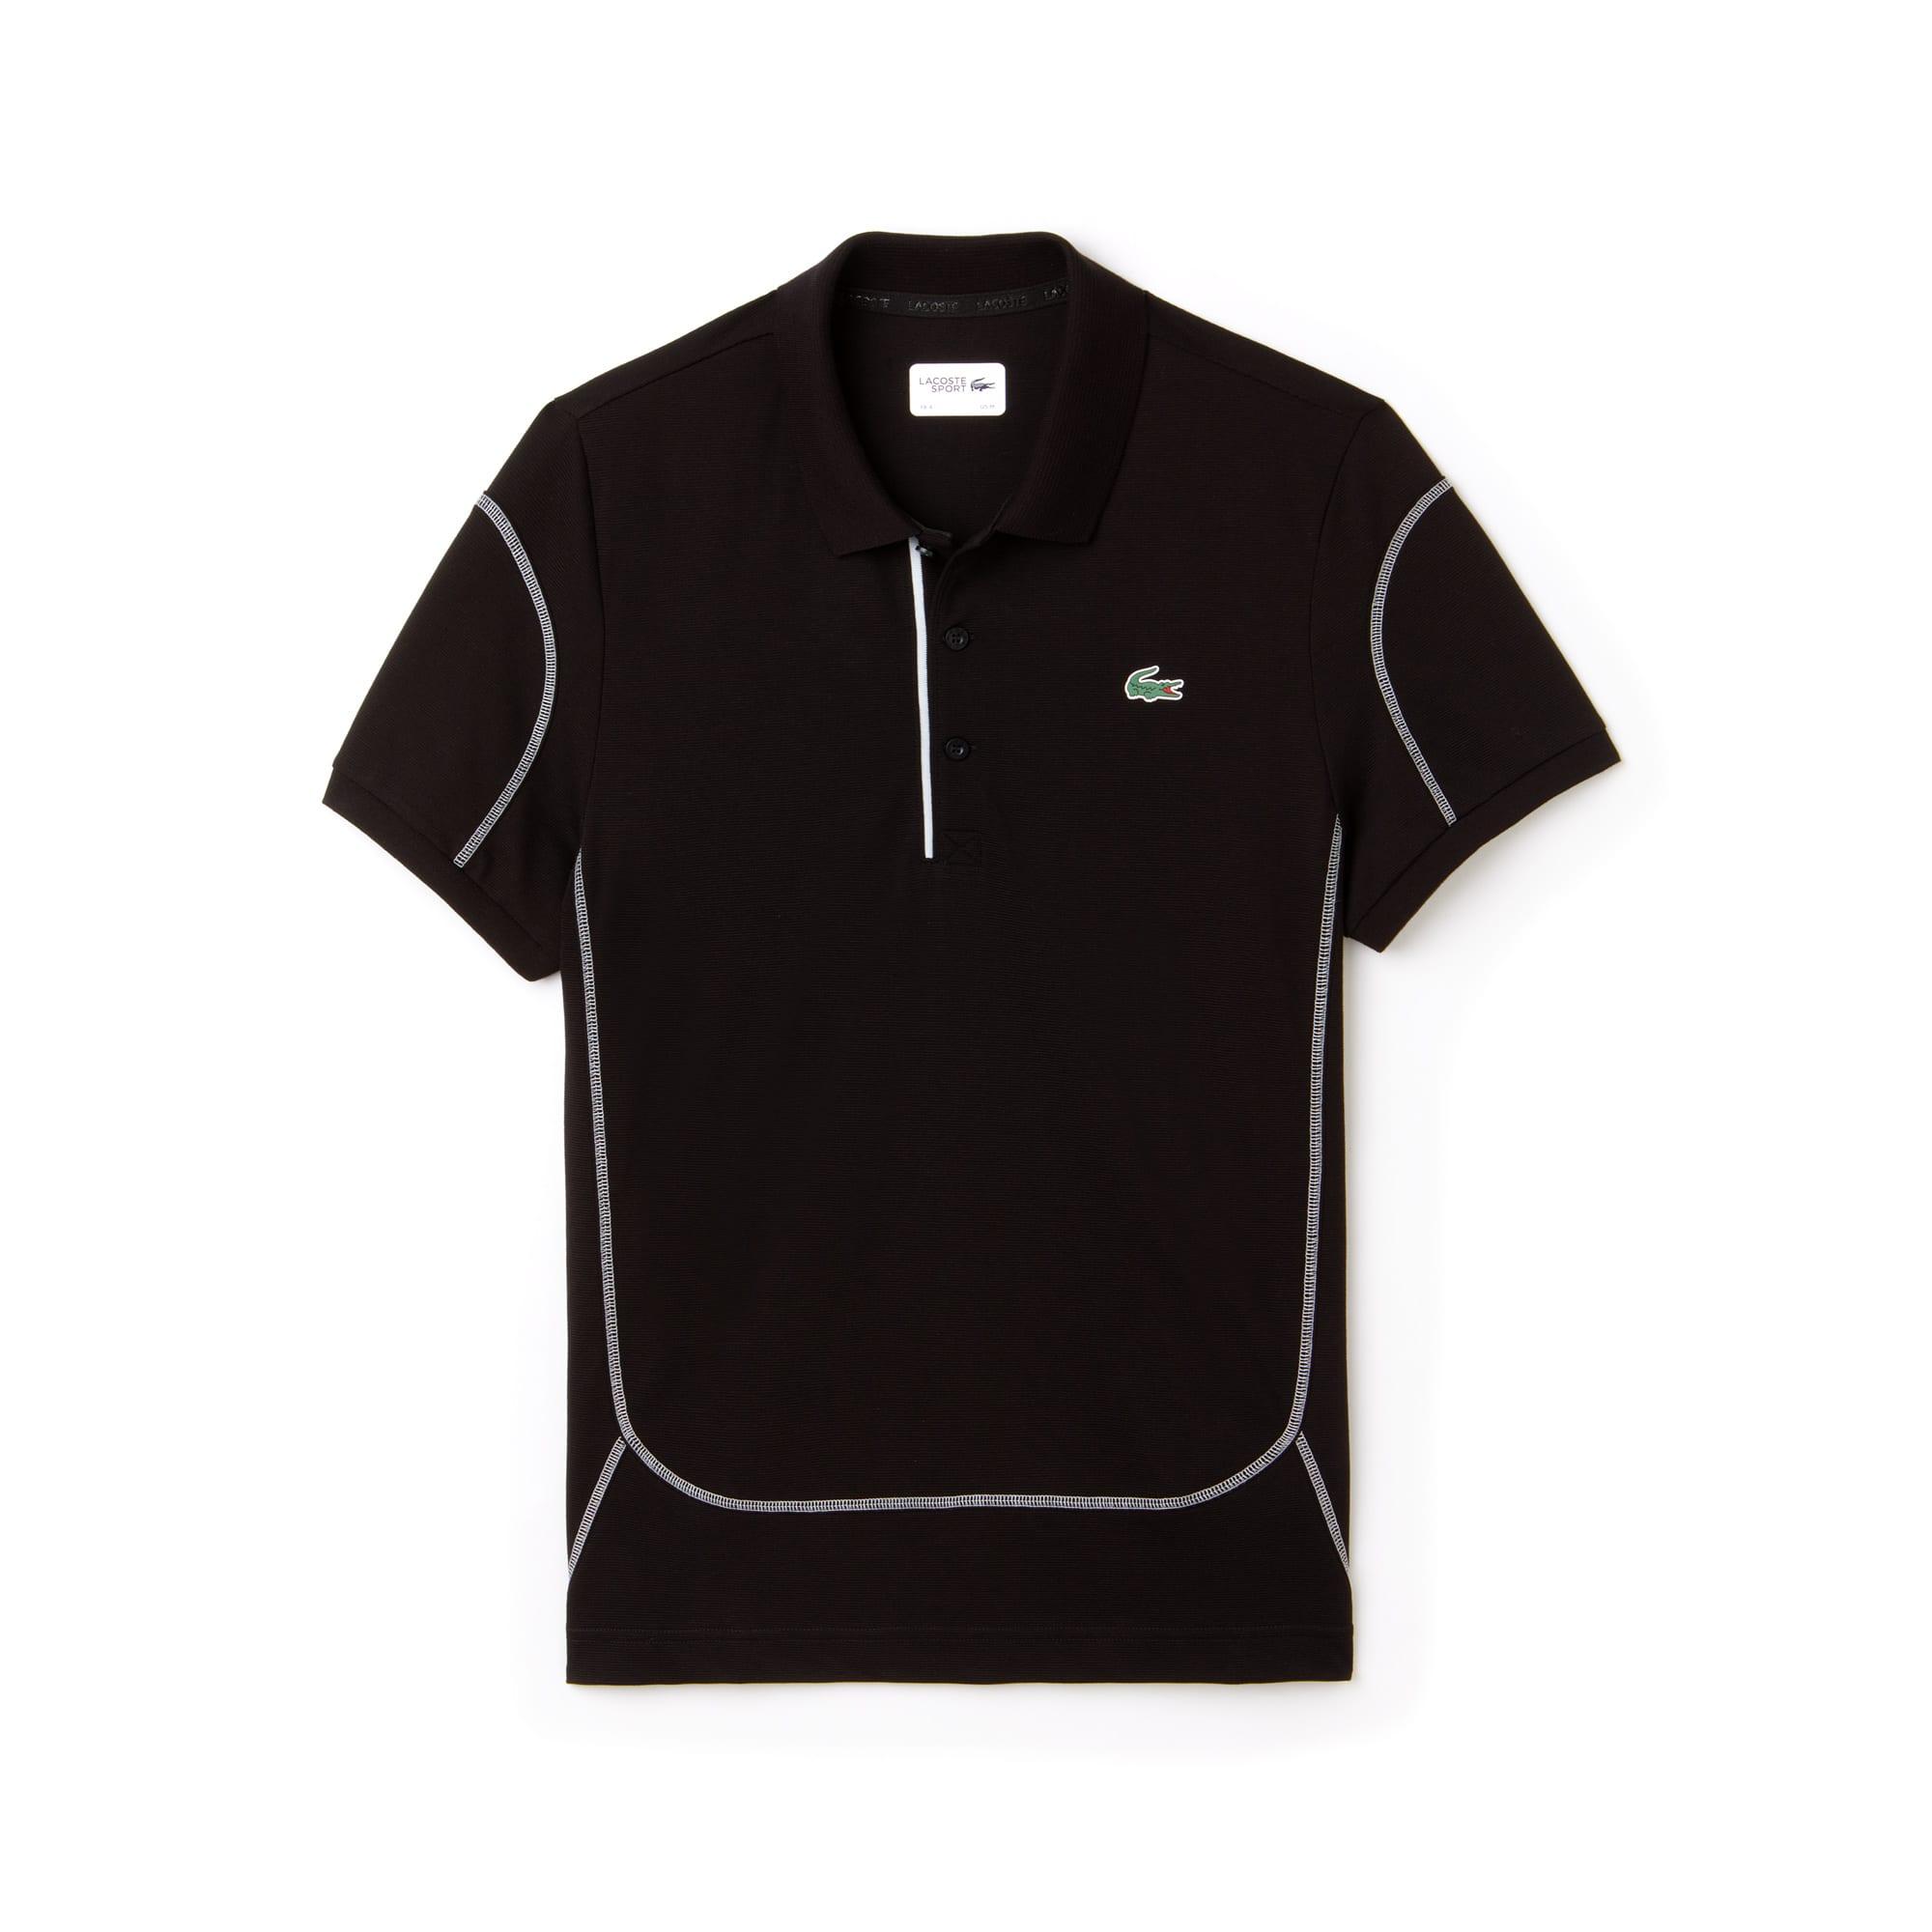 라코스테 Lacoste Mens SPORT Contrast Stitching Light Cotton Tennis Polo,black/armour